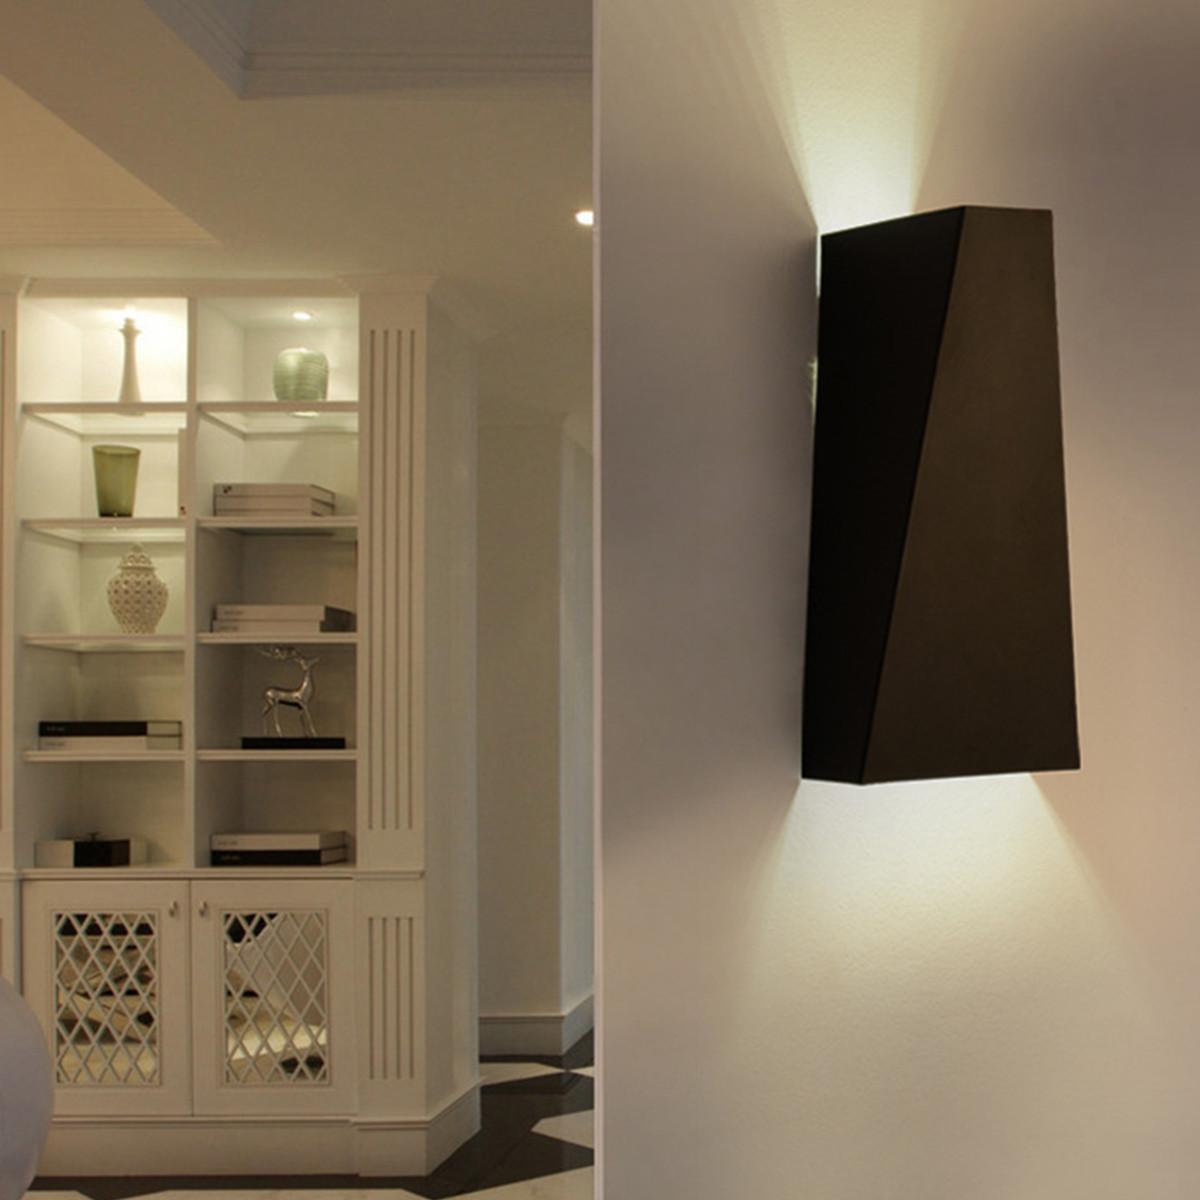 Produit un effet de lumière haut bas sur les murs extérieurs un costume pour la maison un bar un porche un café et tout autre éclairage intérieur et